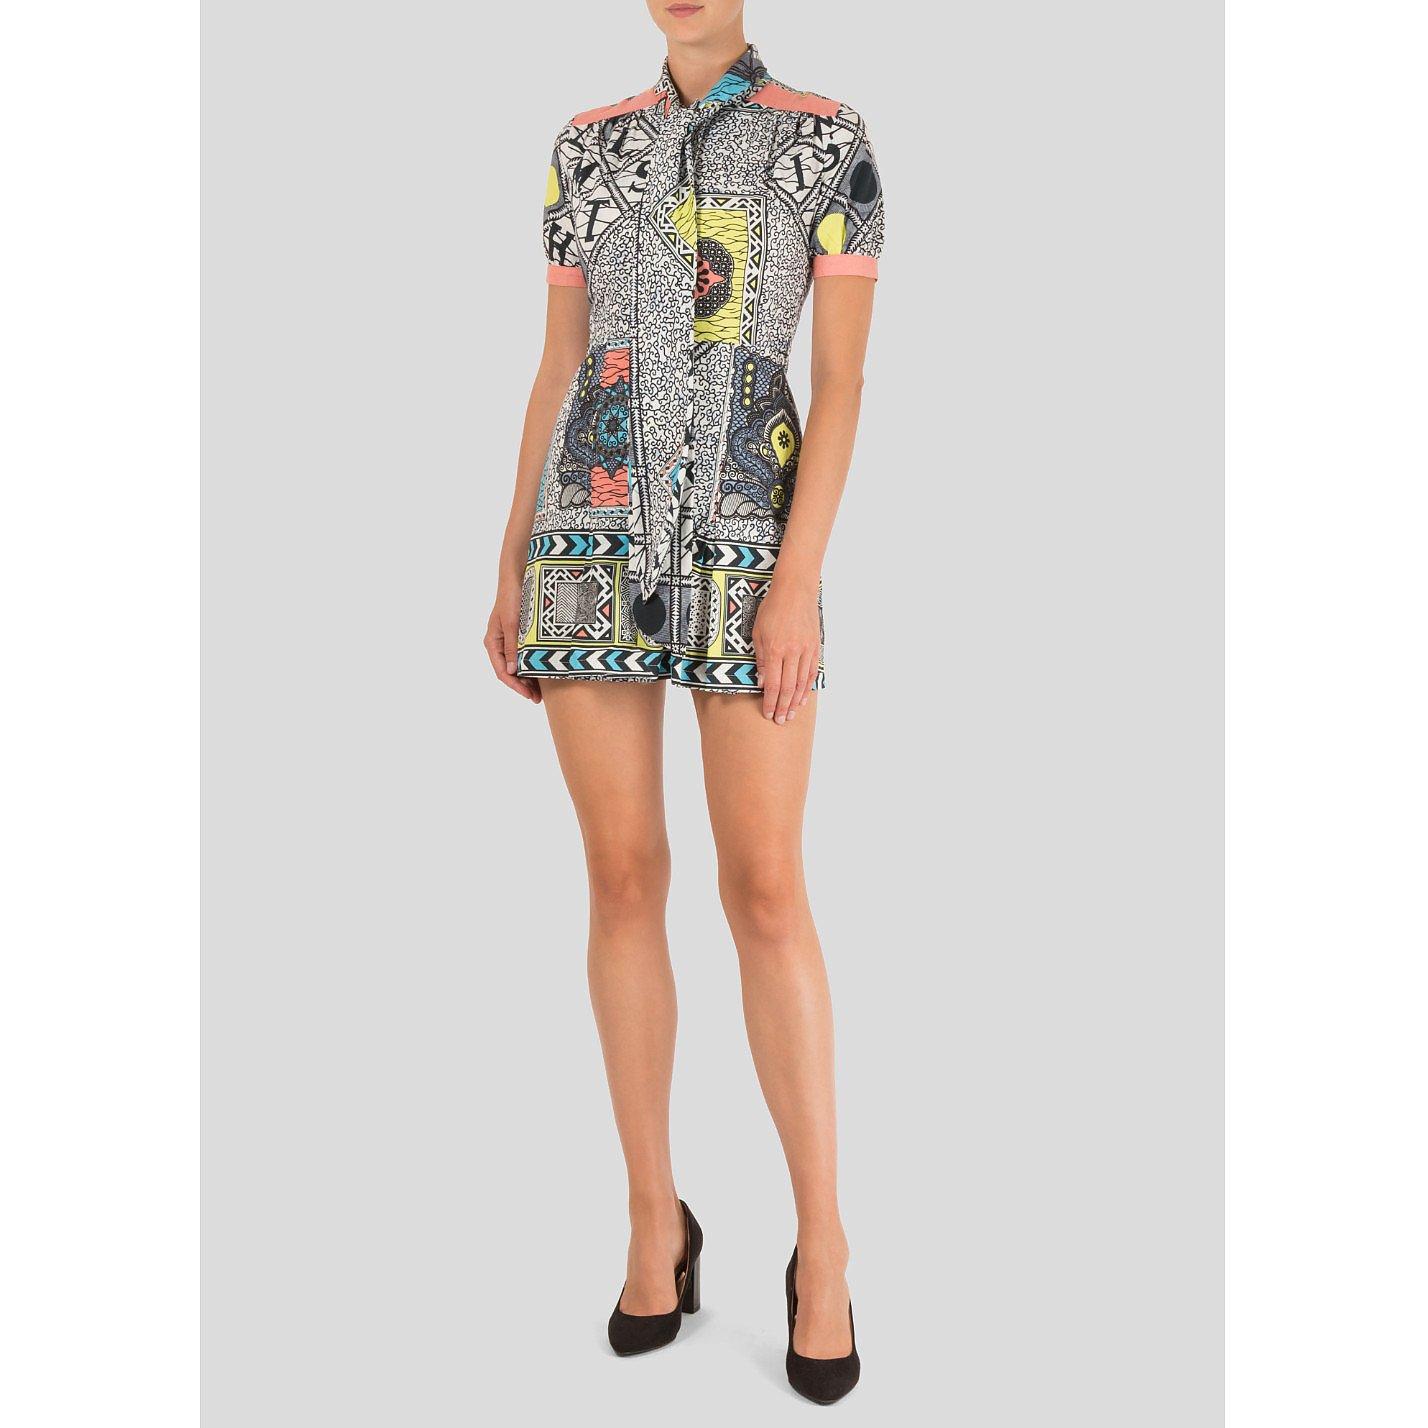 Matthew Williamson Geometric Mini Dress